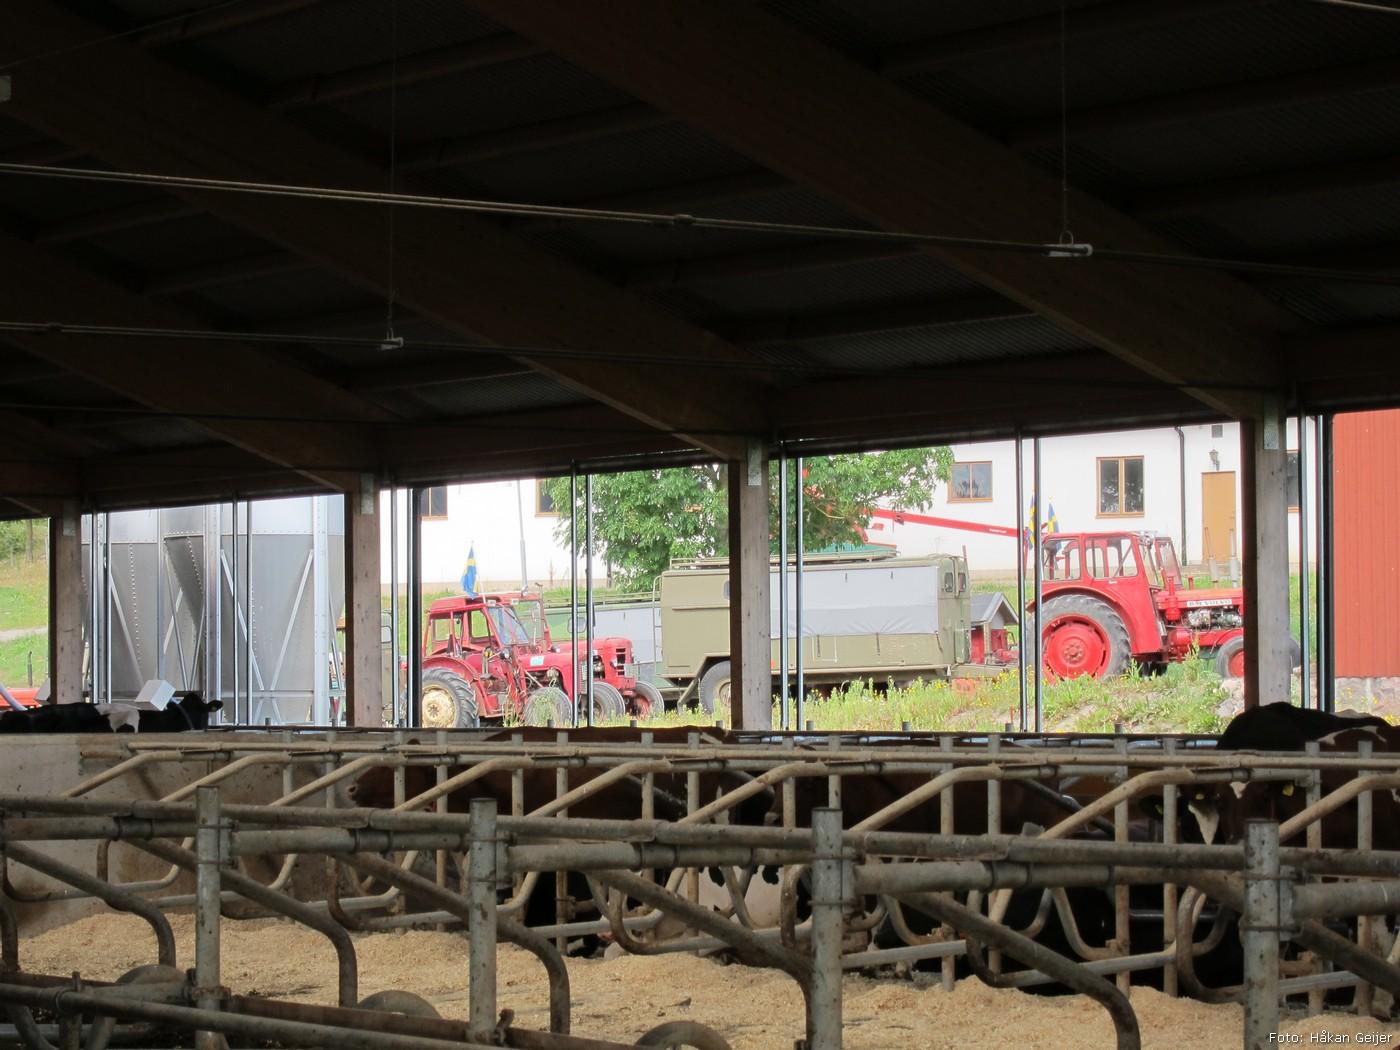 2013-07-20_021_Traktorresa